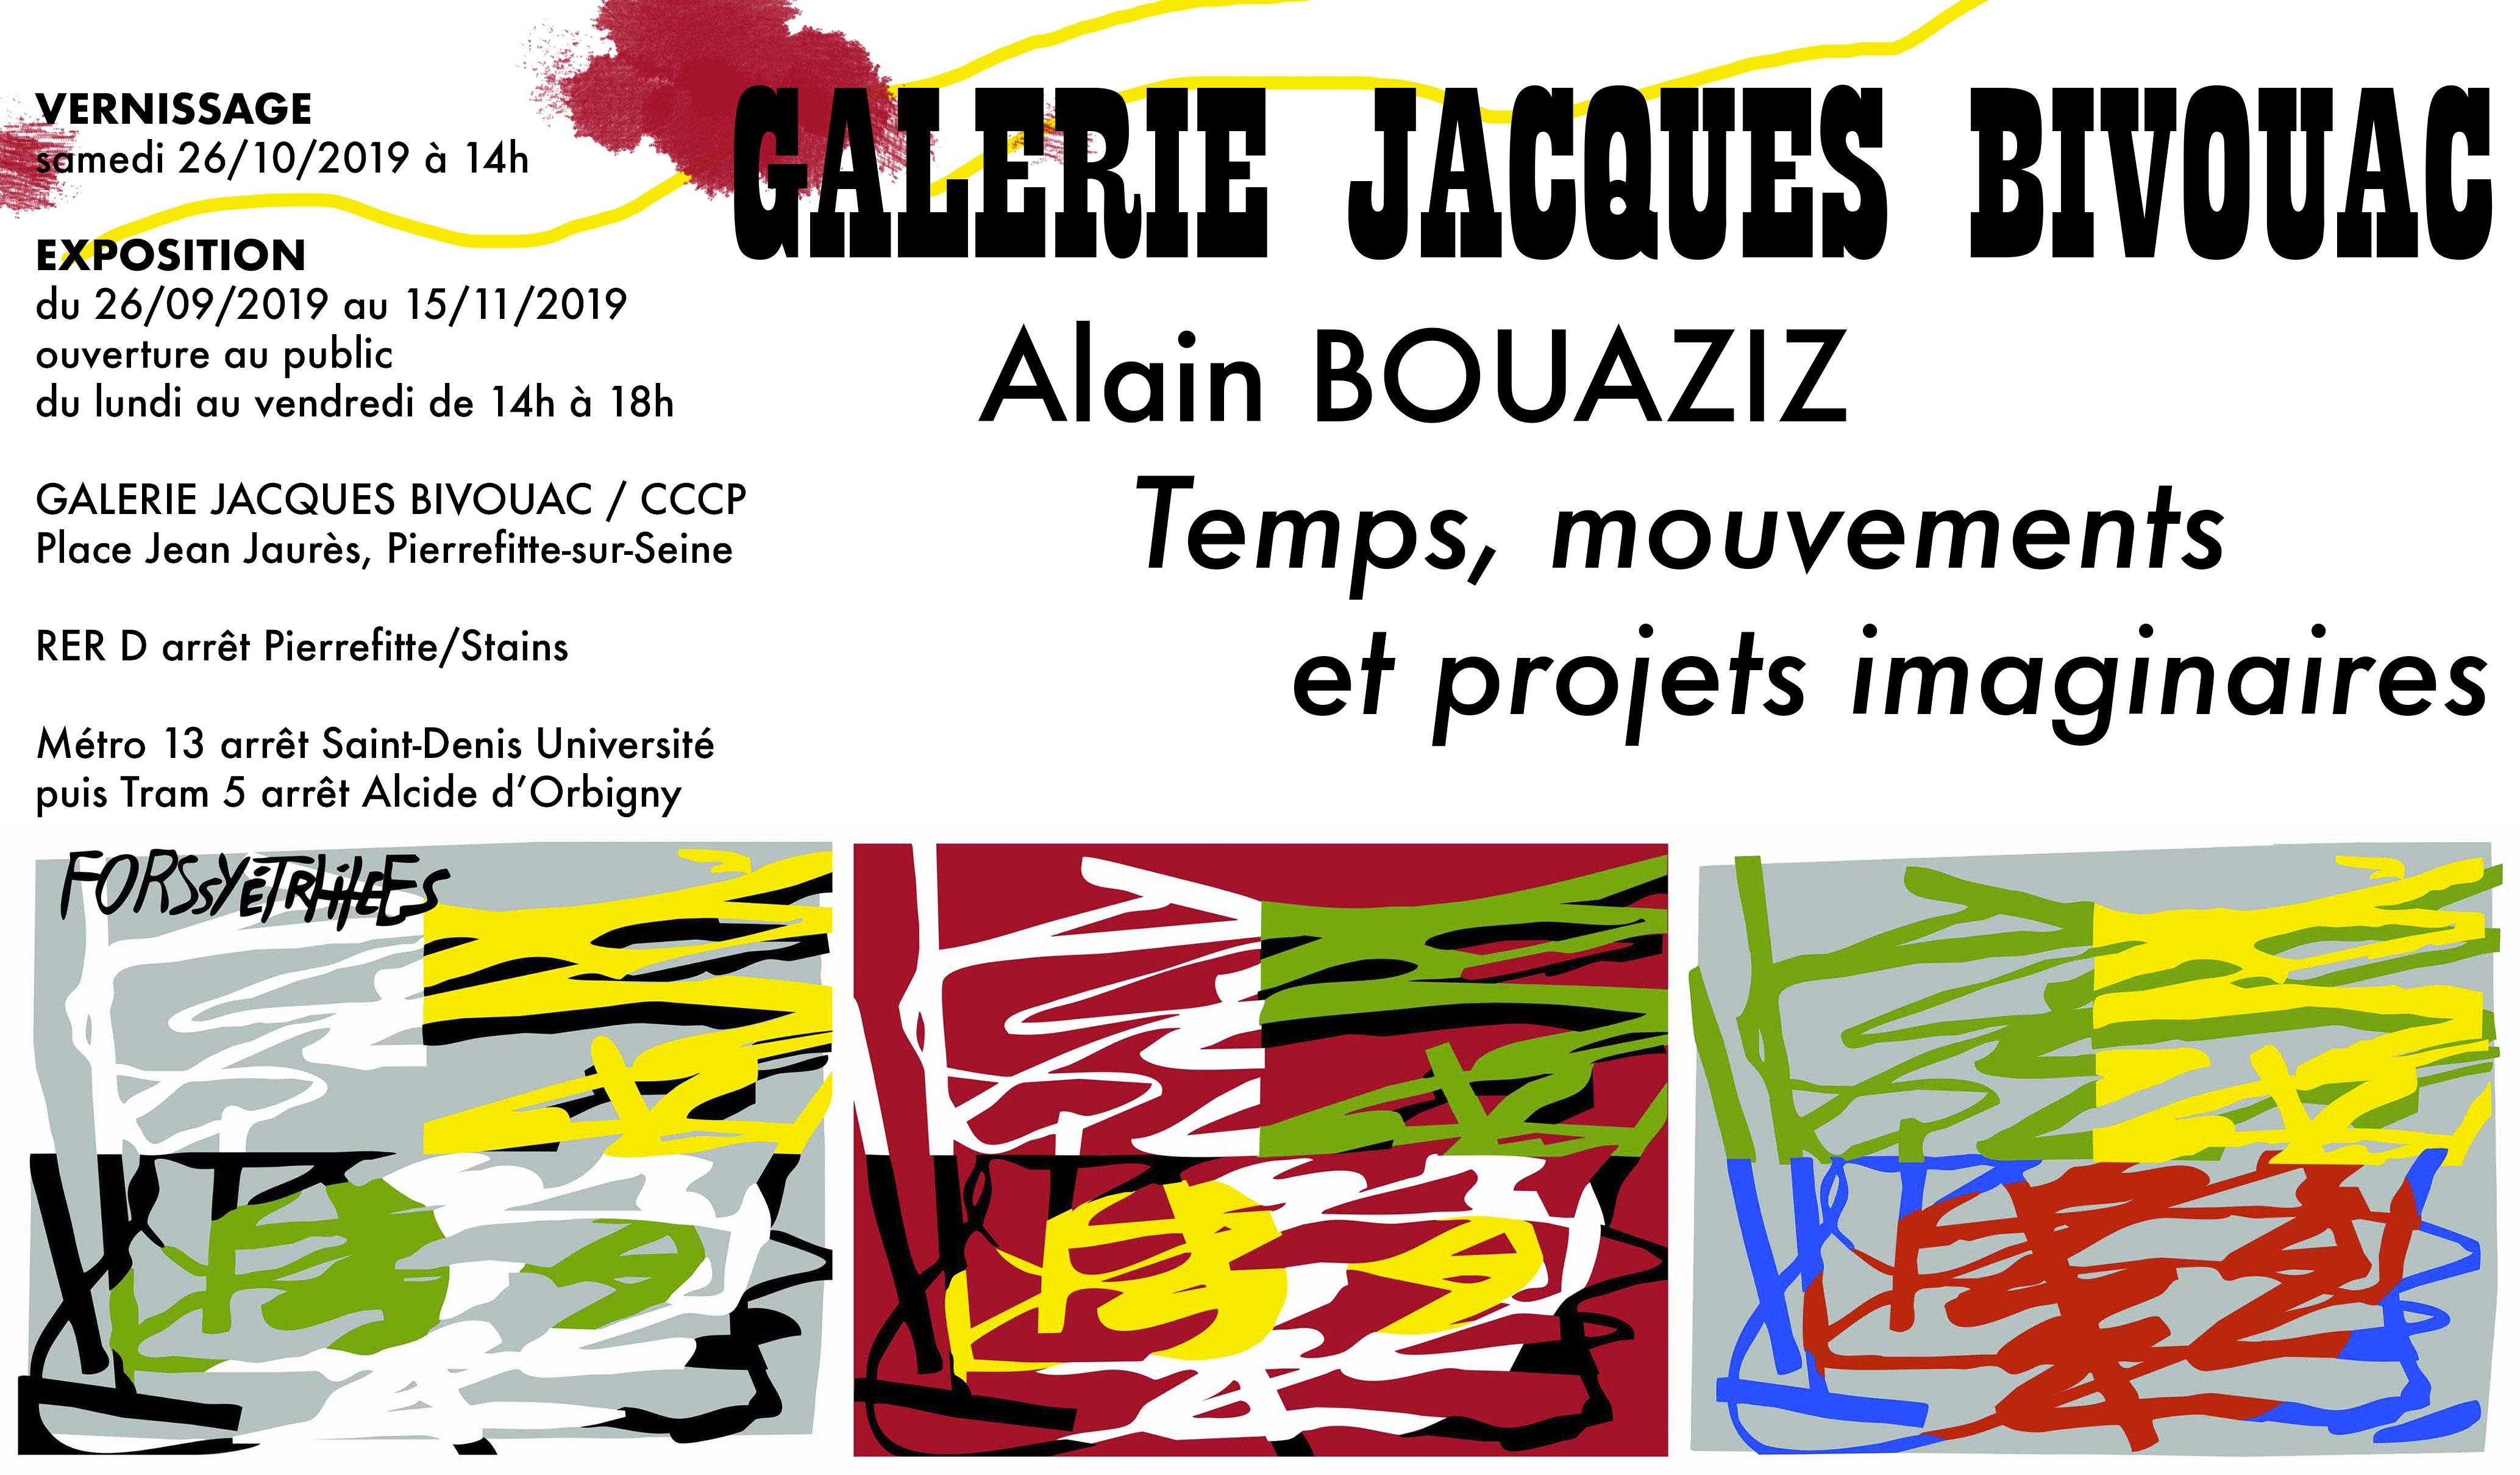 FLYER-Jacques-BIVOUAC--Alain-BOUAZIZ